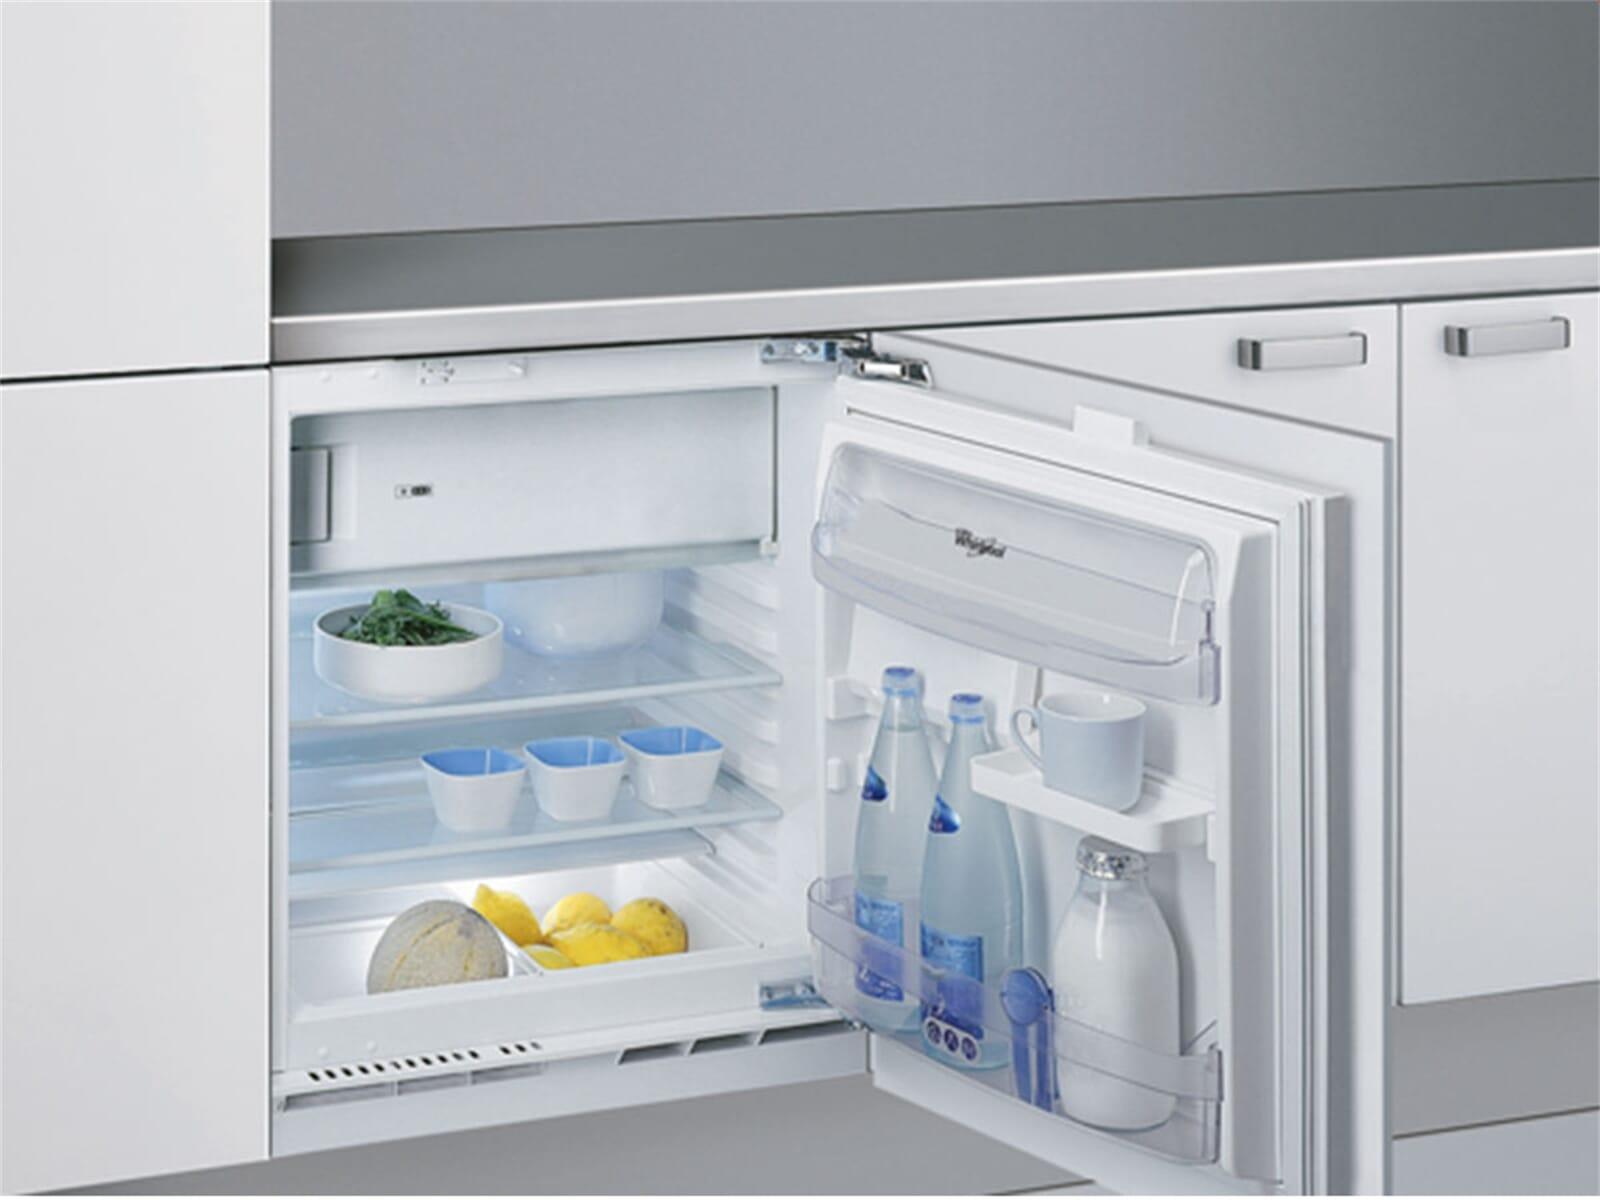 Aeg Unterbau Kühlschrank Ohne Gefrierfach : Unterbau kuhlschrank angebote auf waterige